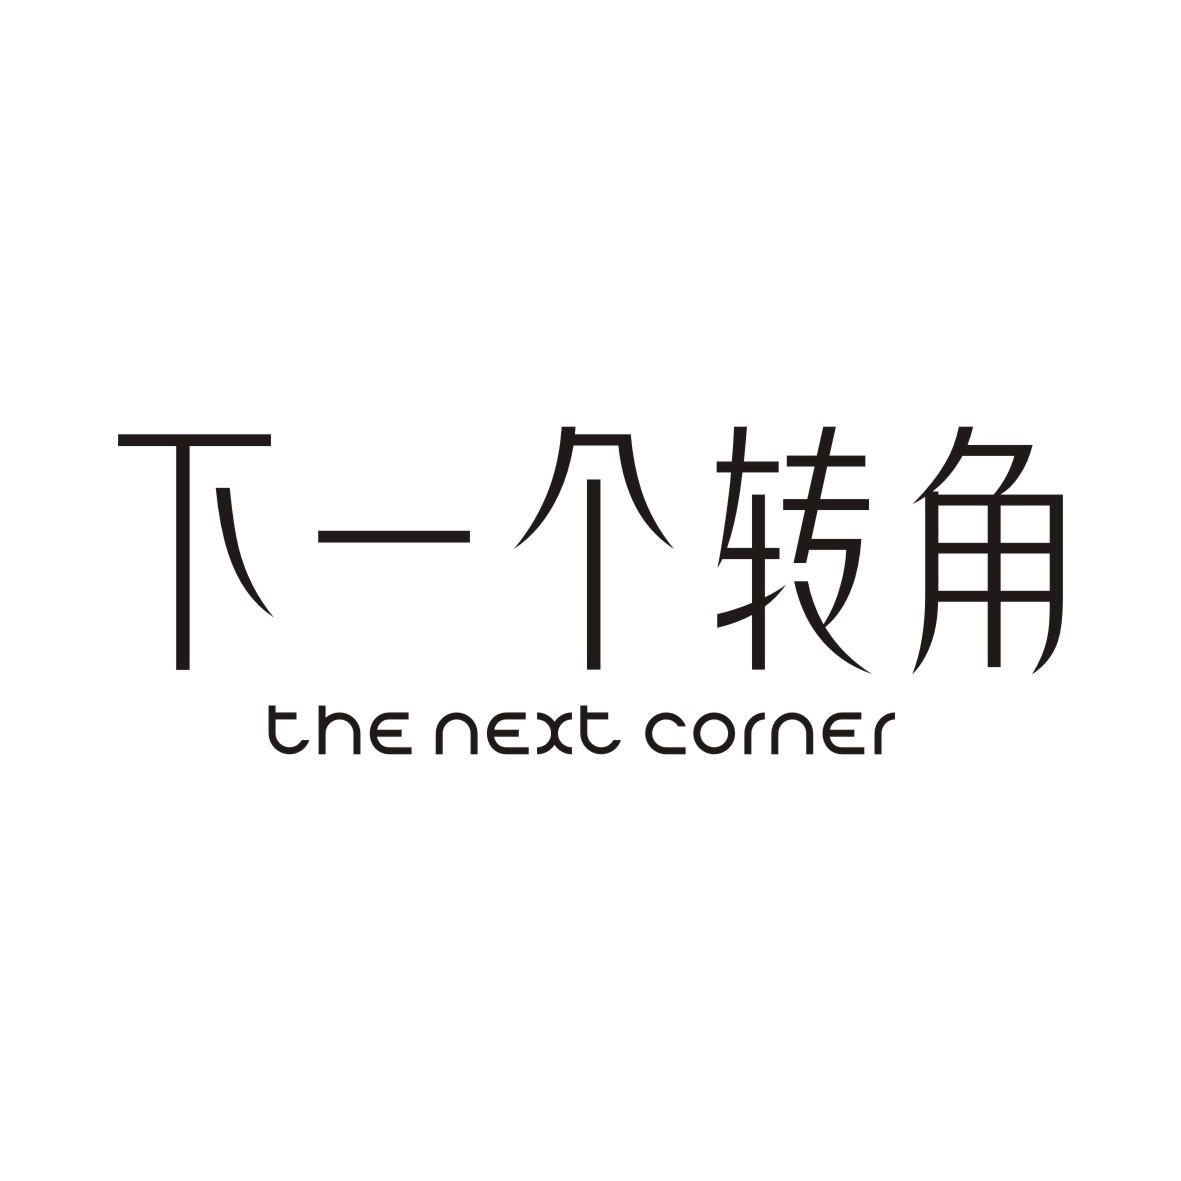 下一个转角THE NEXT CORNER